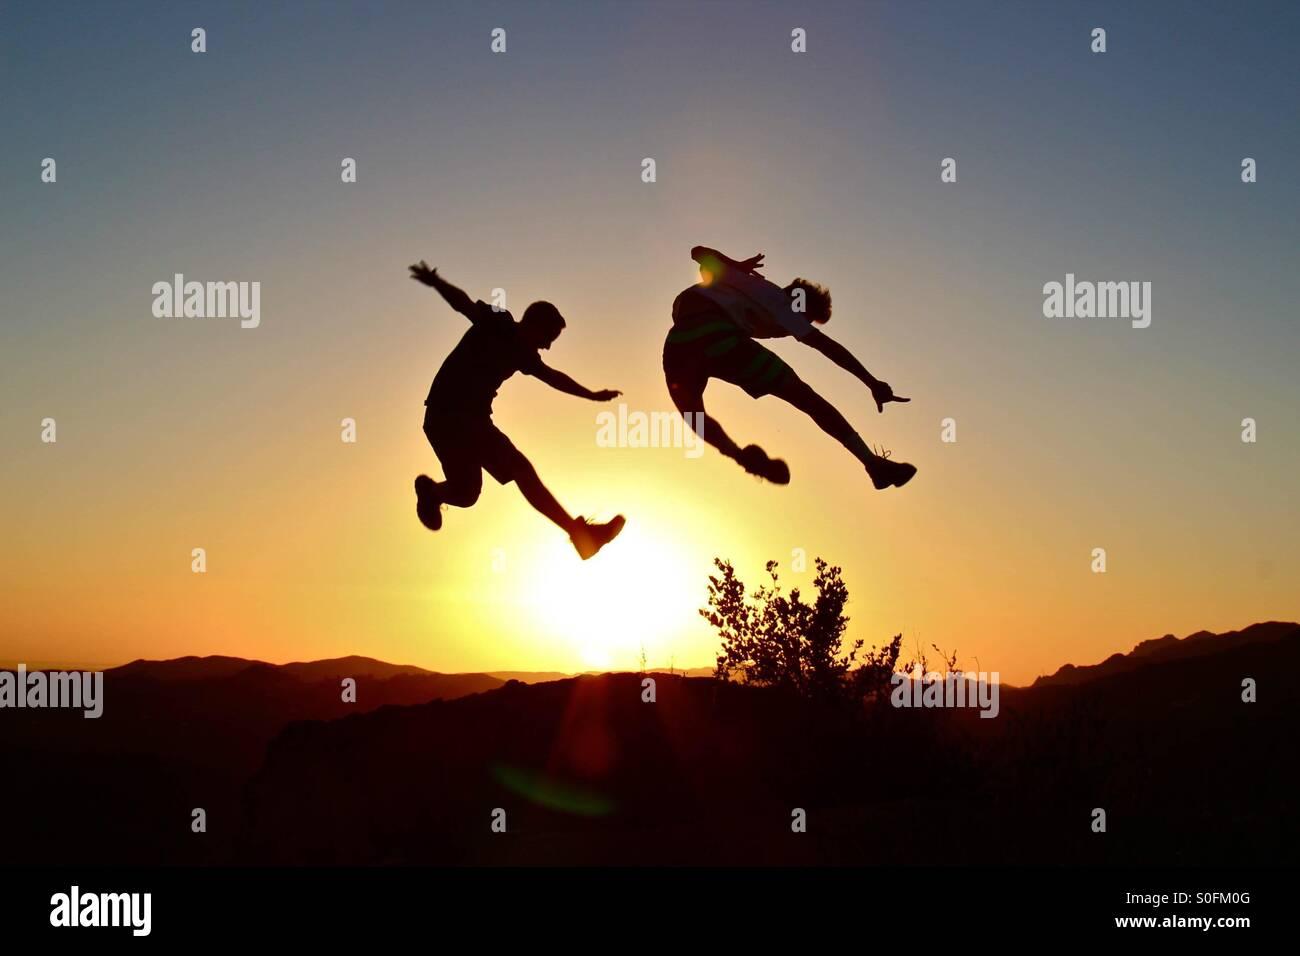 Saltar de alegría como iluminación se encuentra mejor de lo que esperaba para Imagen De Stock